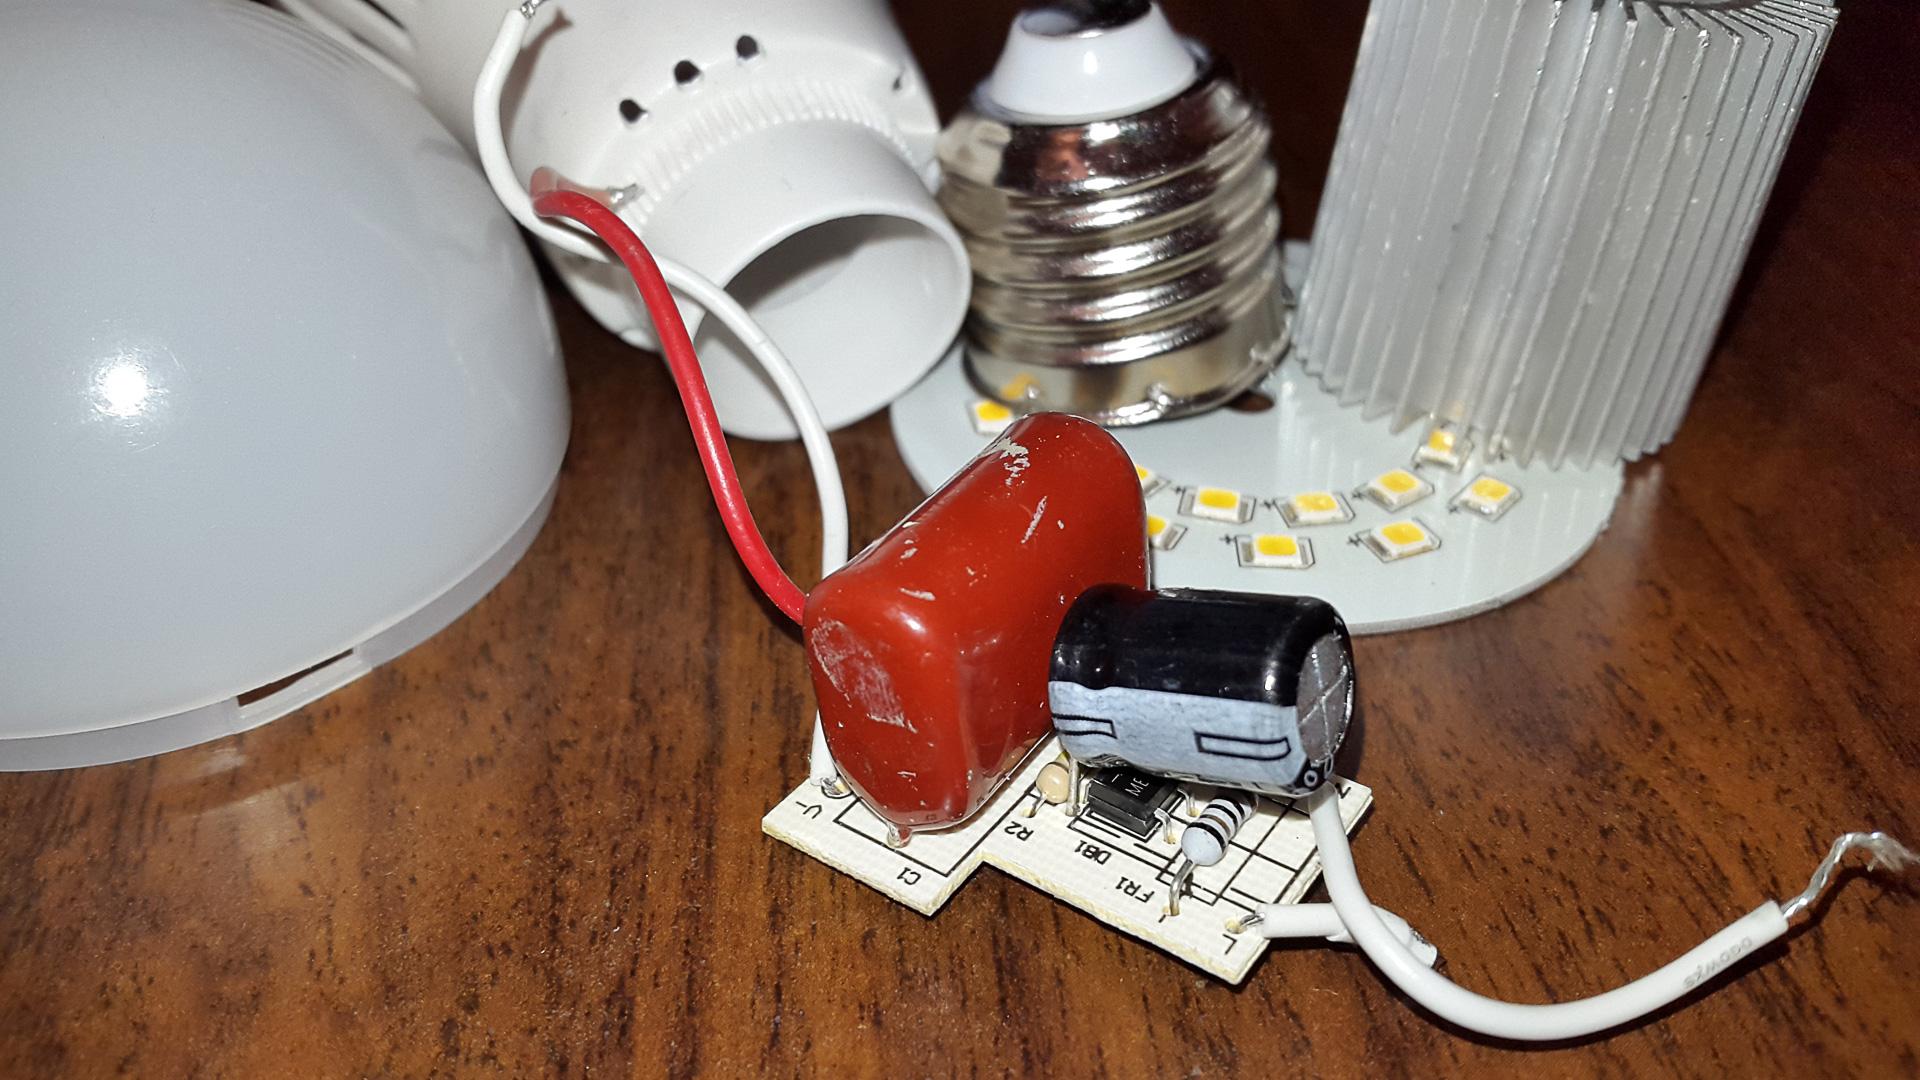 Модернизация энергосберегающей лампы в светодиодную №1 — своими руками